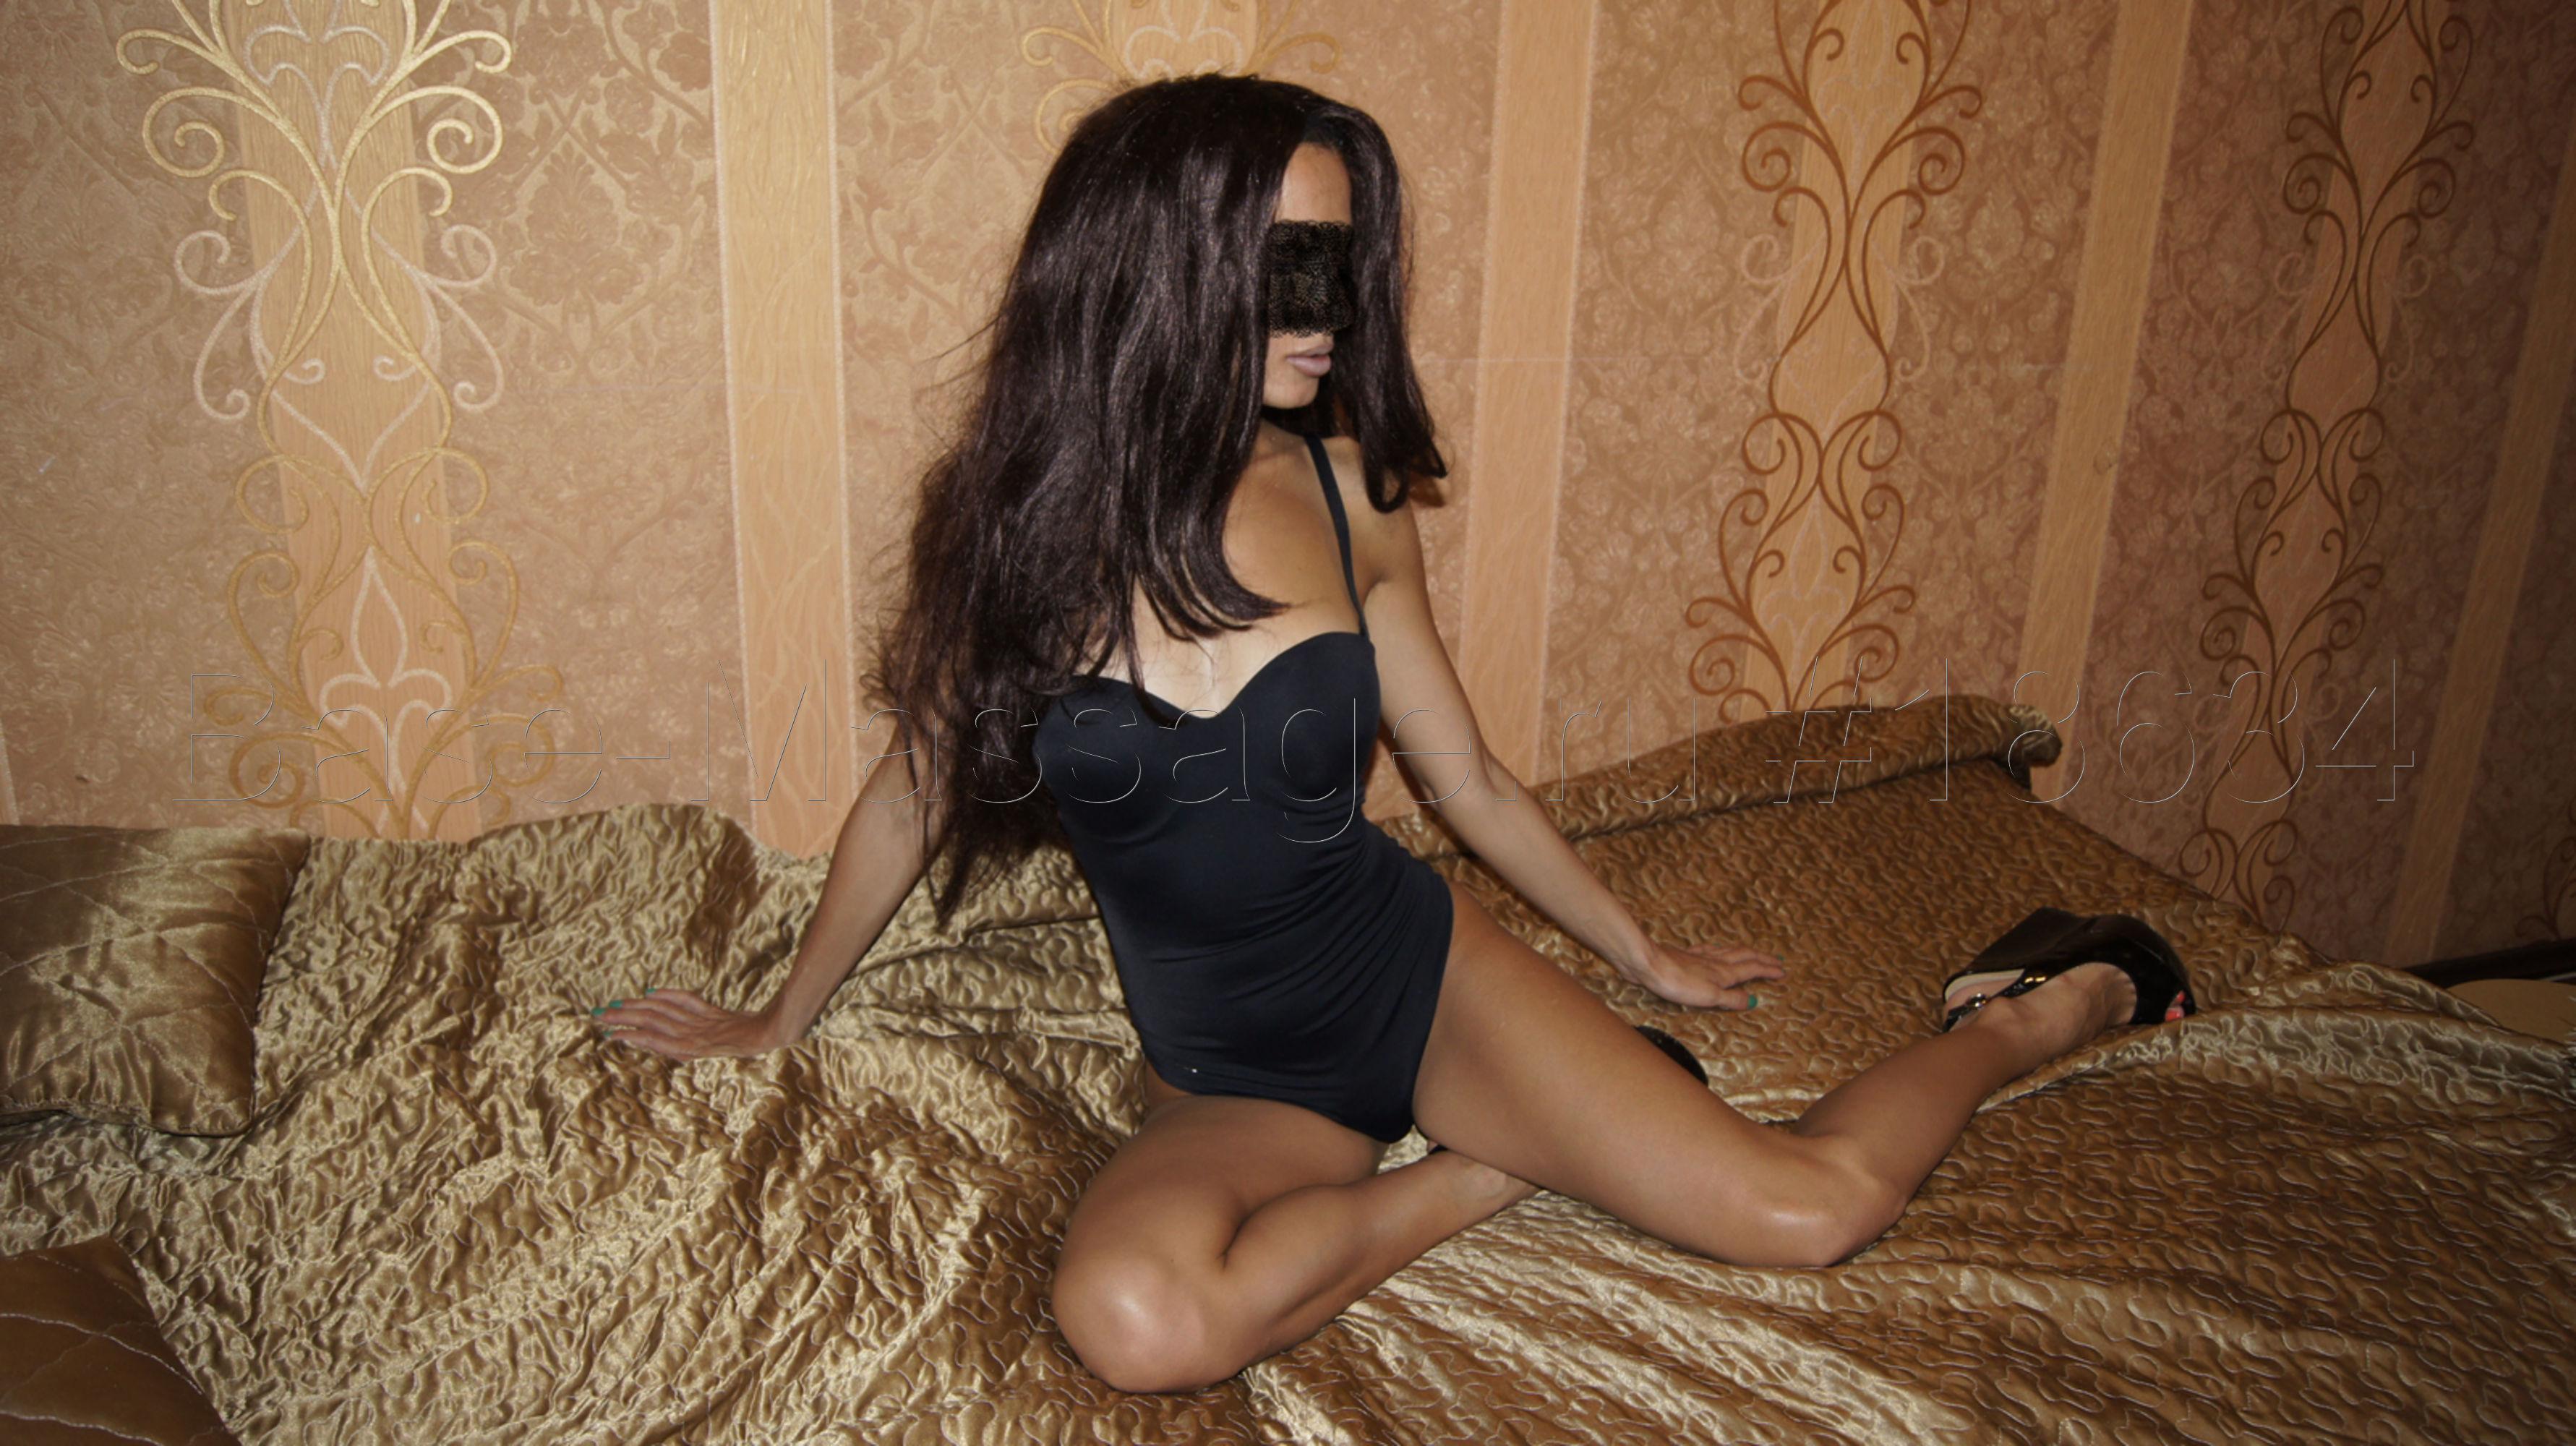 Снять узбечку в москве на час, Проститутки Узбечки И Таджички Питера К Вашим 4 фотография